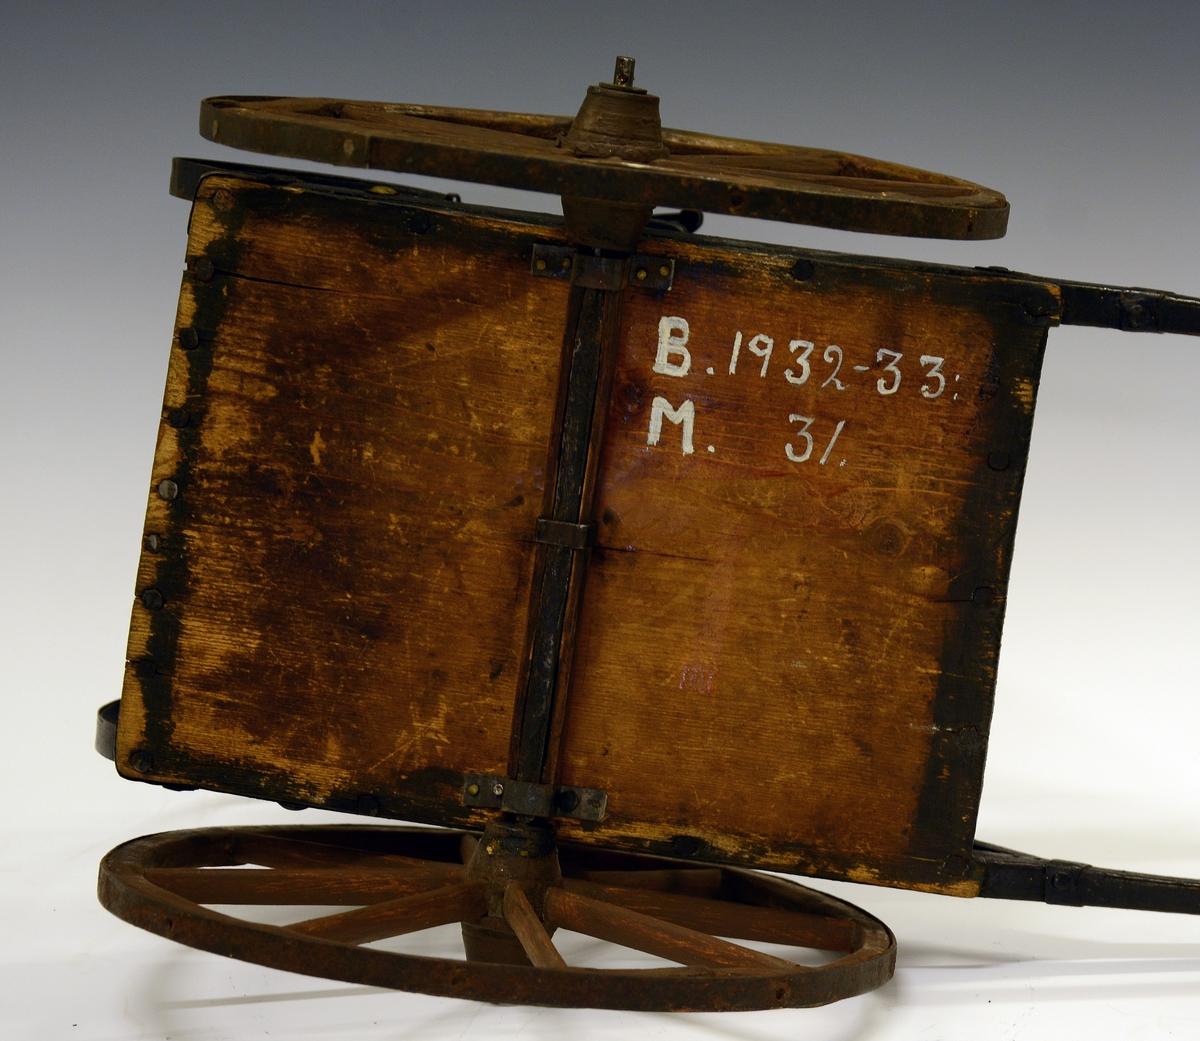 Trefigur: Hest med seletøy og kjerre med sete. Fra protokollen: Modell av hest, sele og skjusskjerre, arbeidd av Jon Sandviki, Raudland, truleg i 1870-aari. Hesten skori i tre, brunmaala. Selen med fullt massingstell. Kjerra av tre, jarna paa vanleg vis og med haage jarnfjørir paa baksætet (Innkomen restaurera).